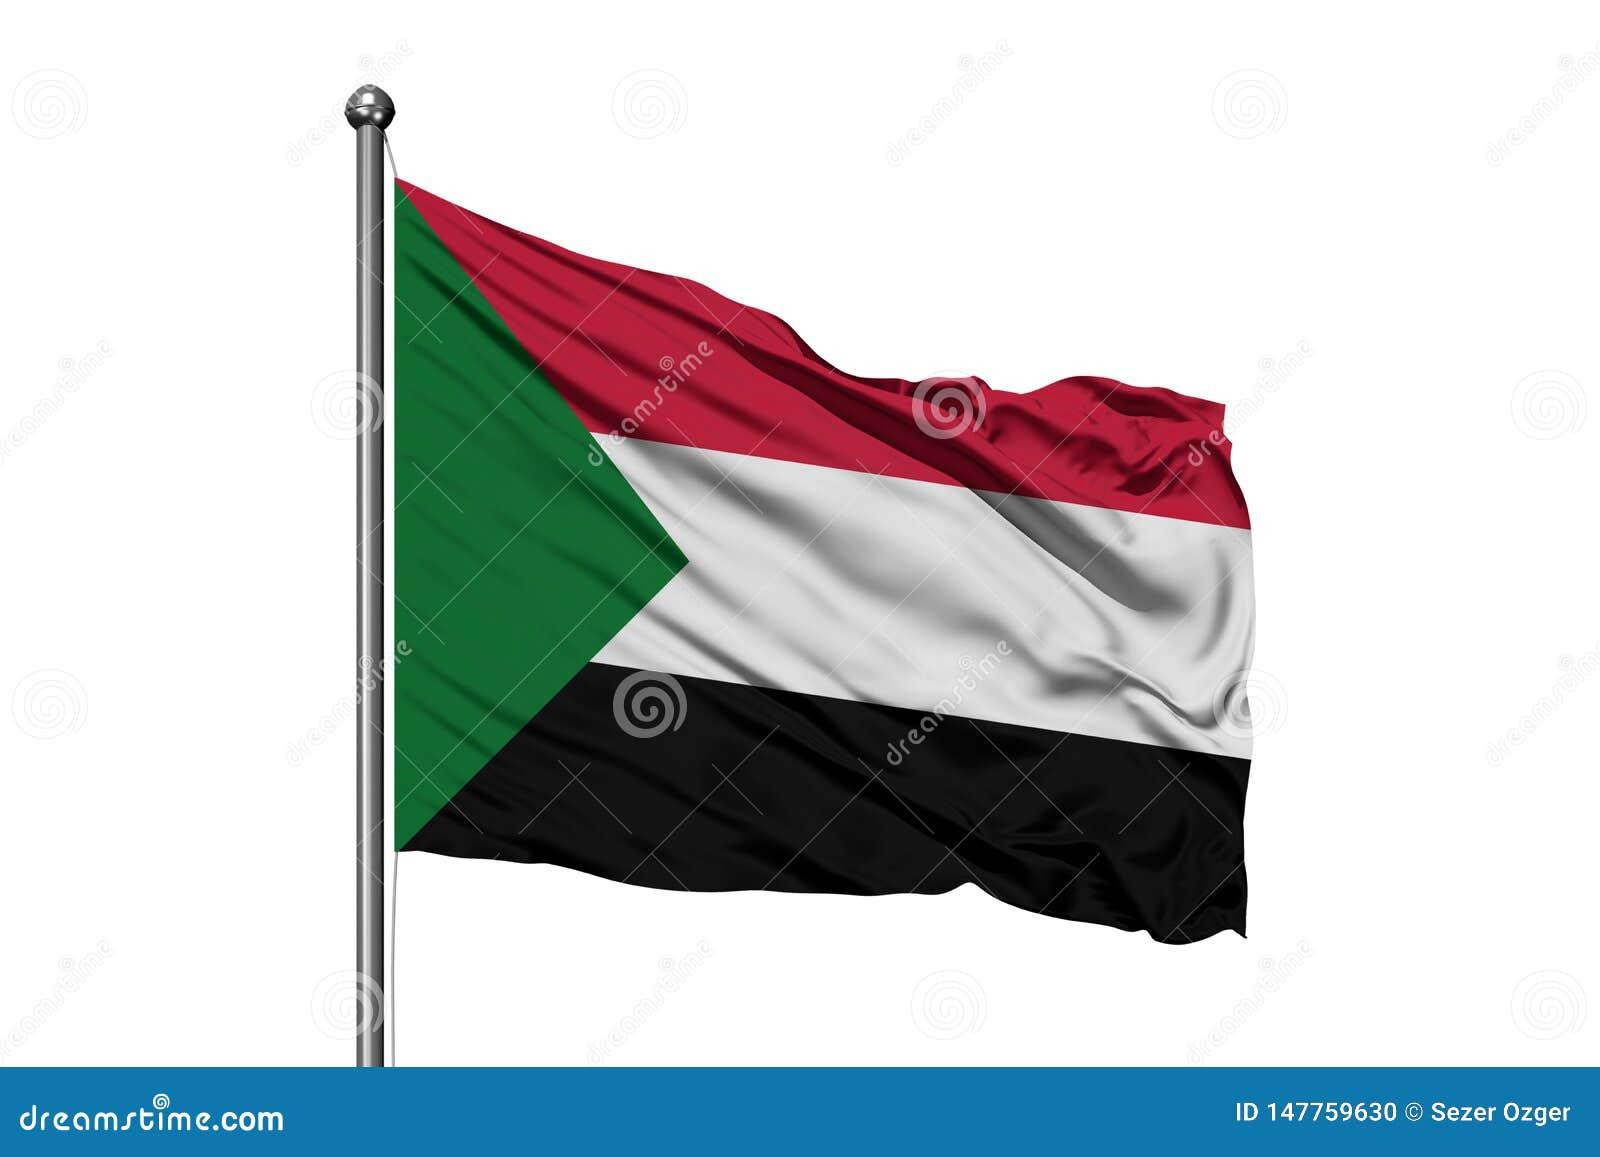 Bandiera del Sudan che ondeggia nel vento, fondo bianco isolato Bandiera sudanese